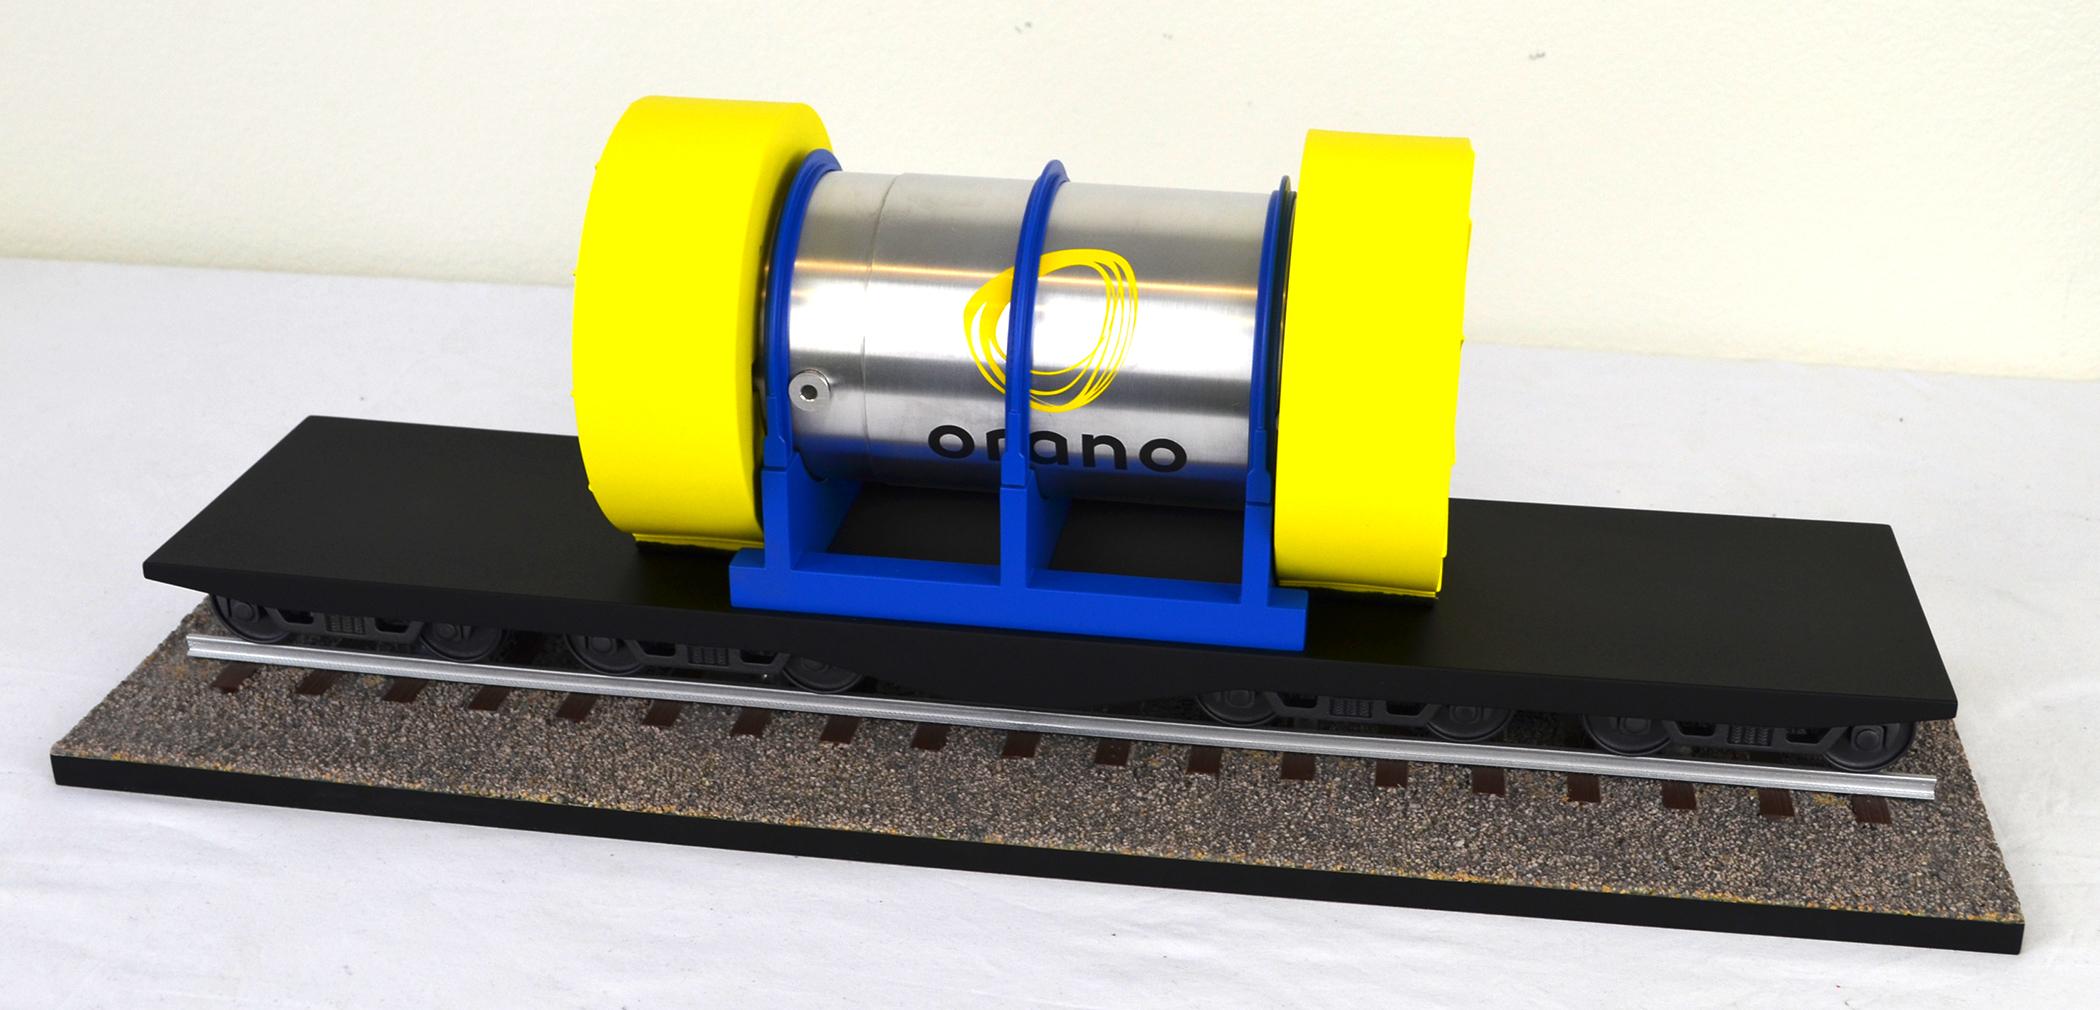 Orano TN-40HT Model